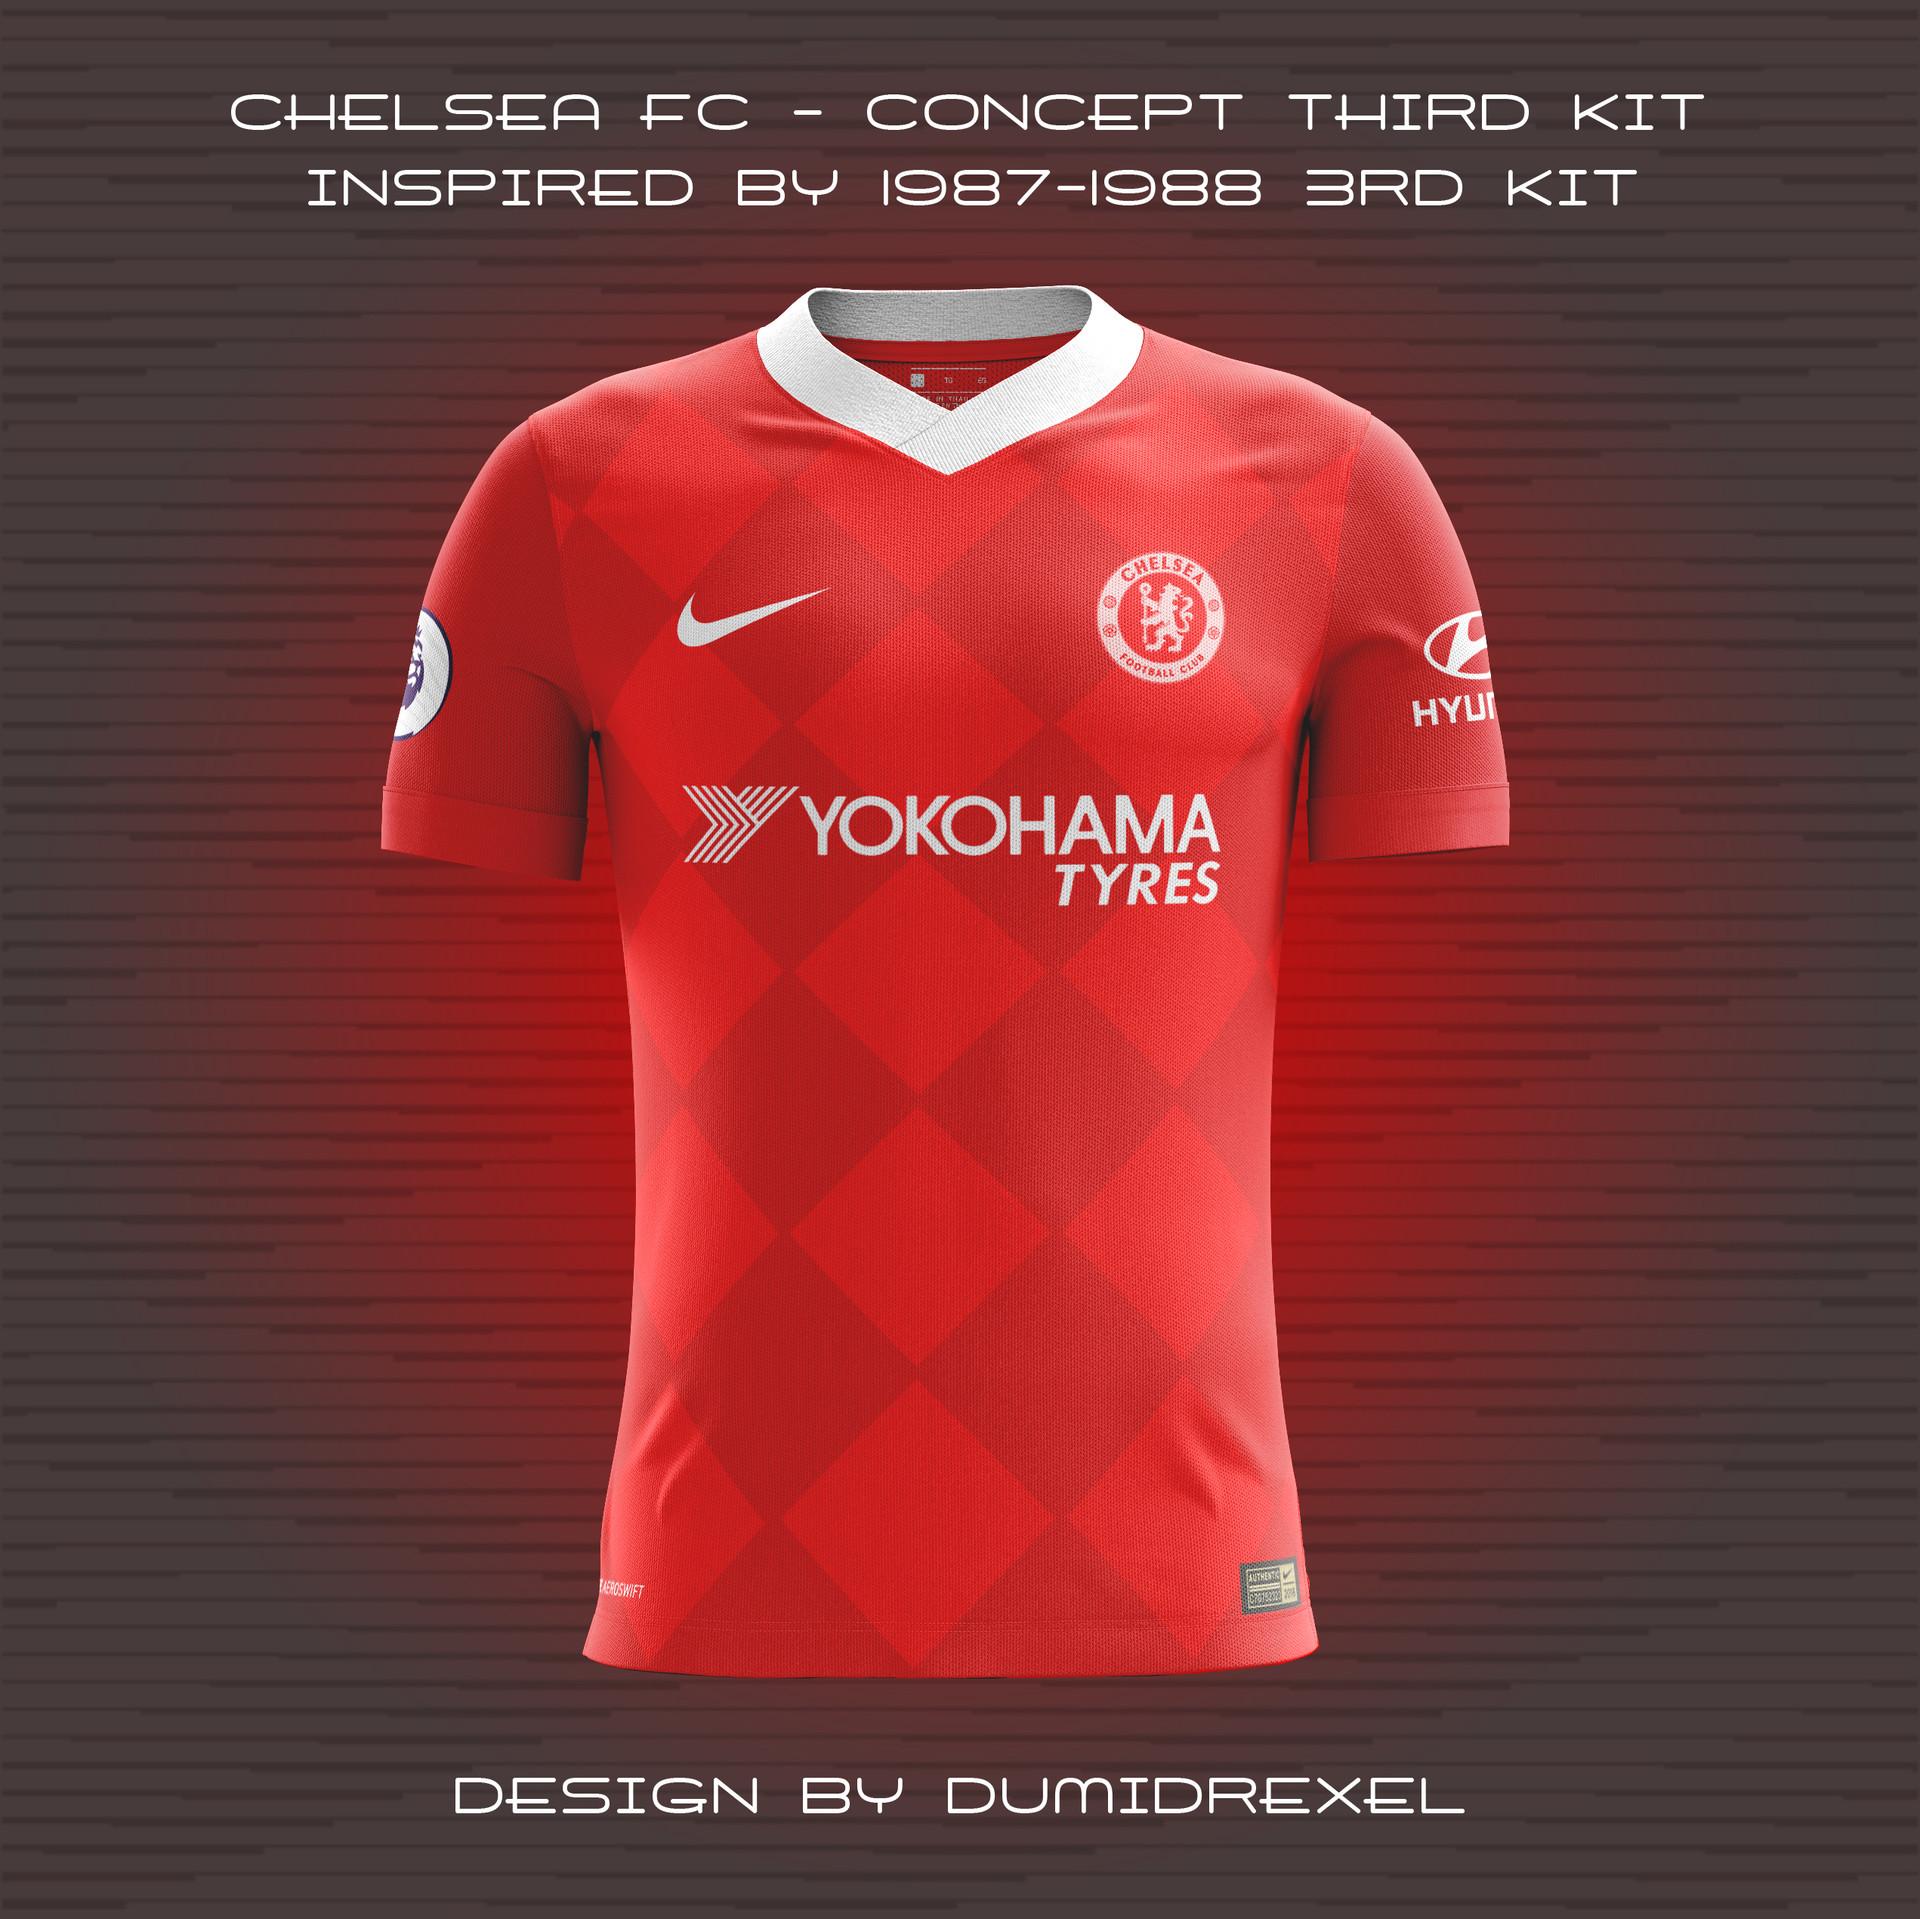 Drexel Designs  Concept kits  Chelsea